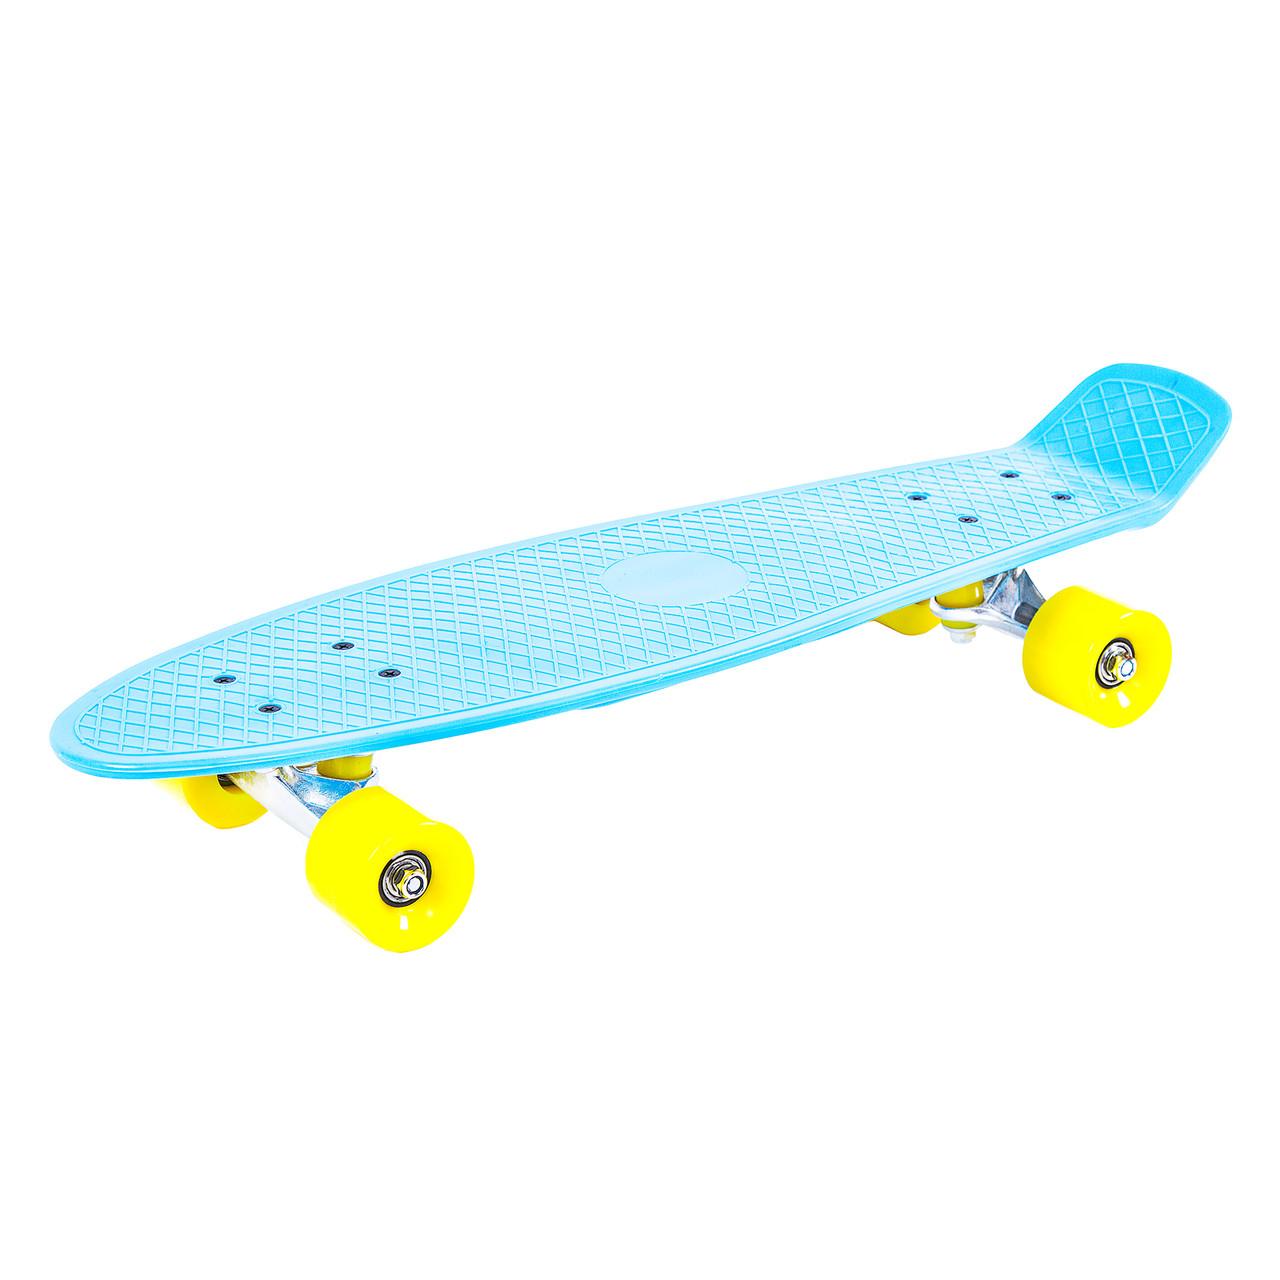 Скейтборд Penny Board колеса PU JP-HB-28